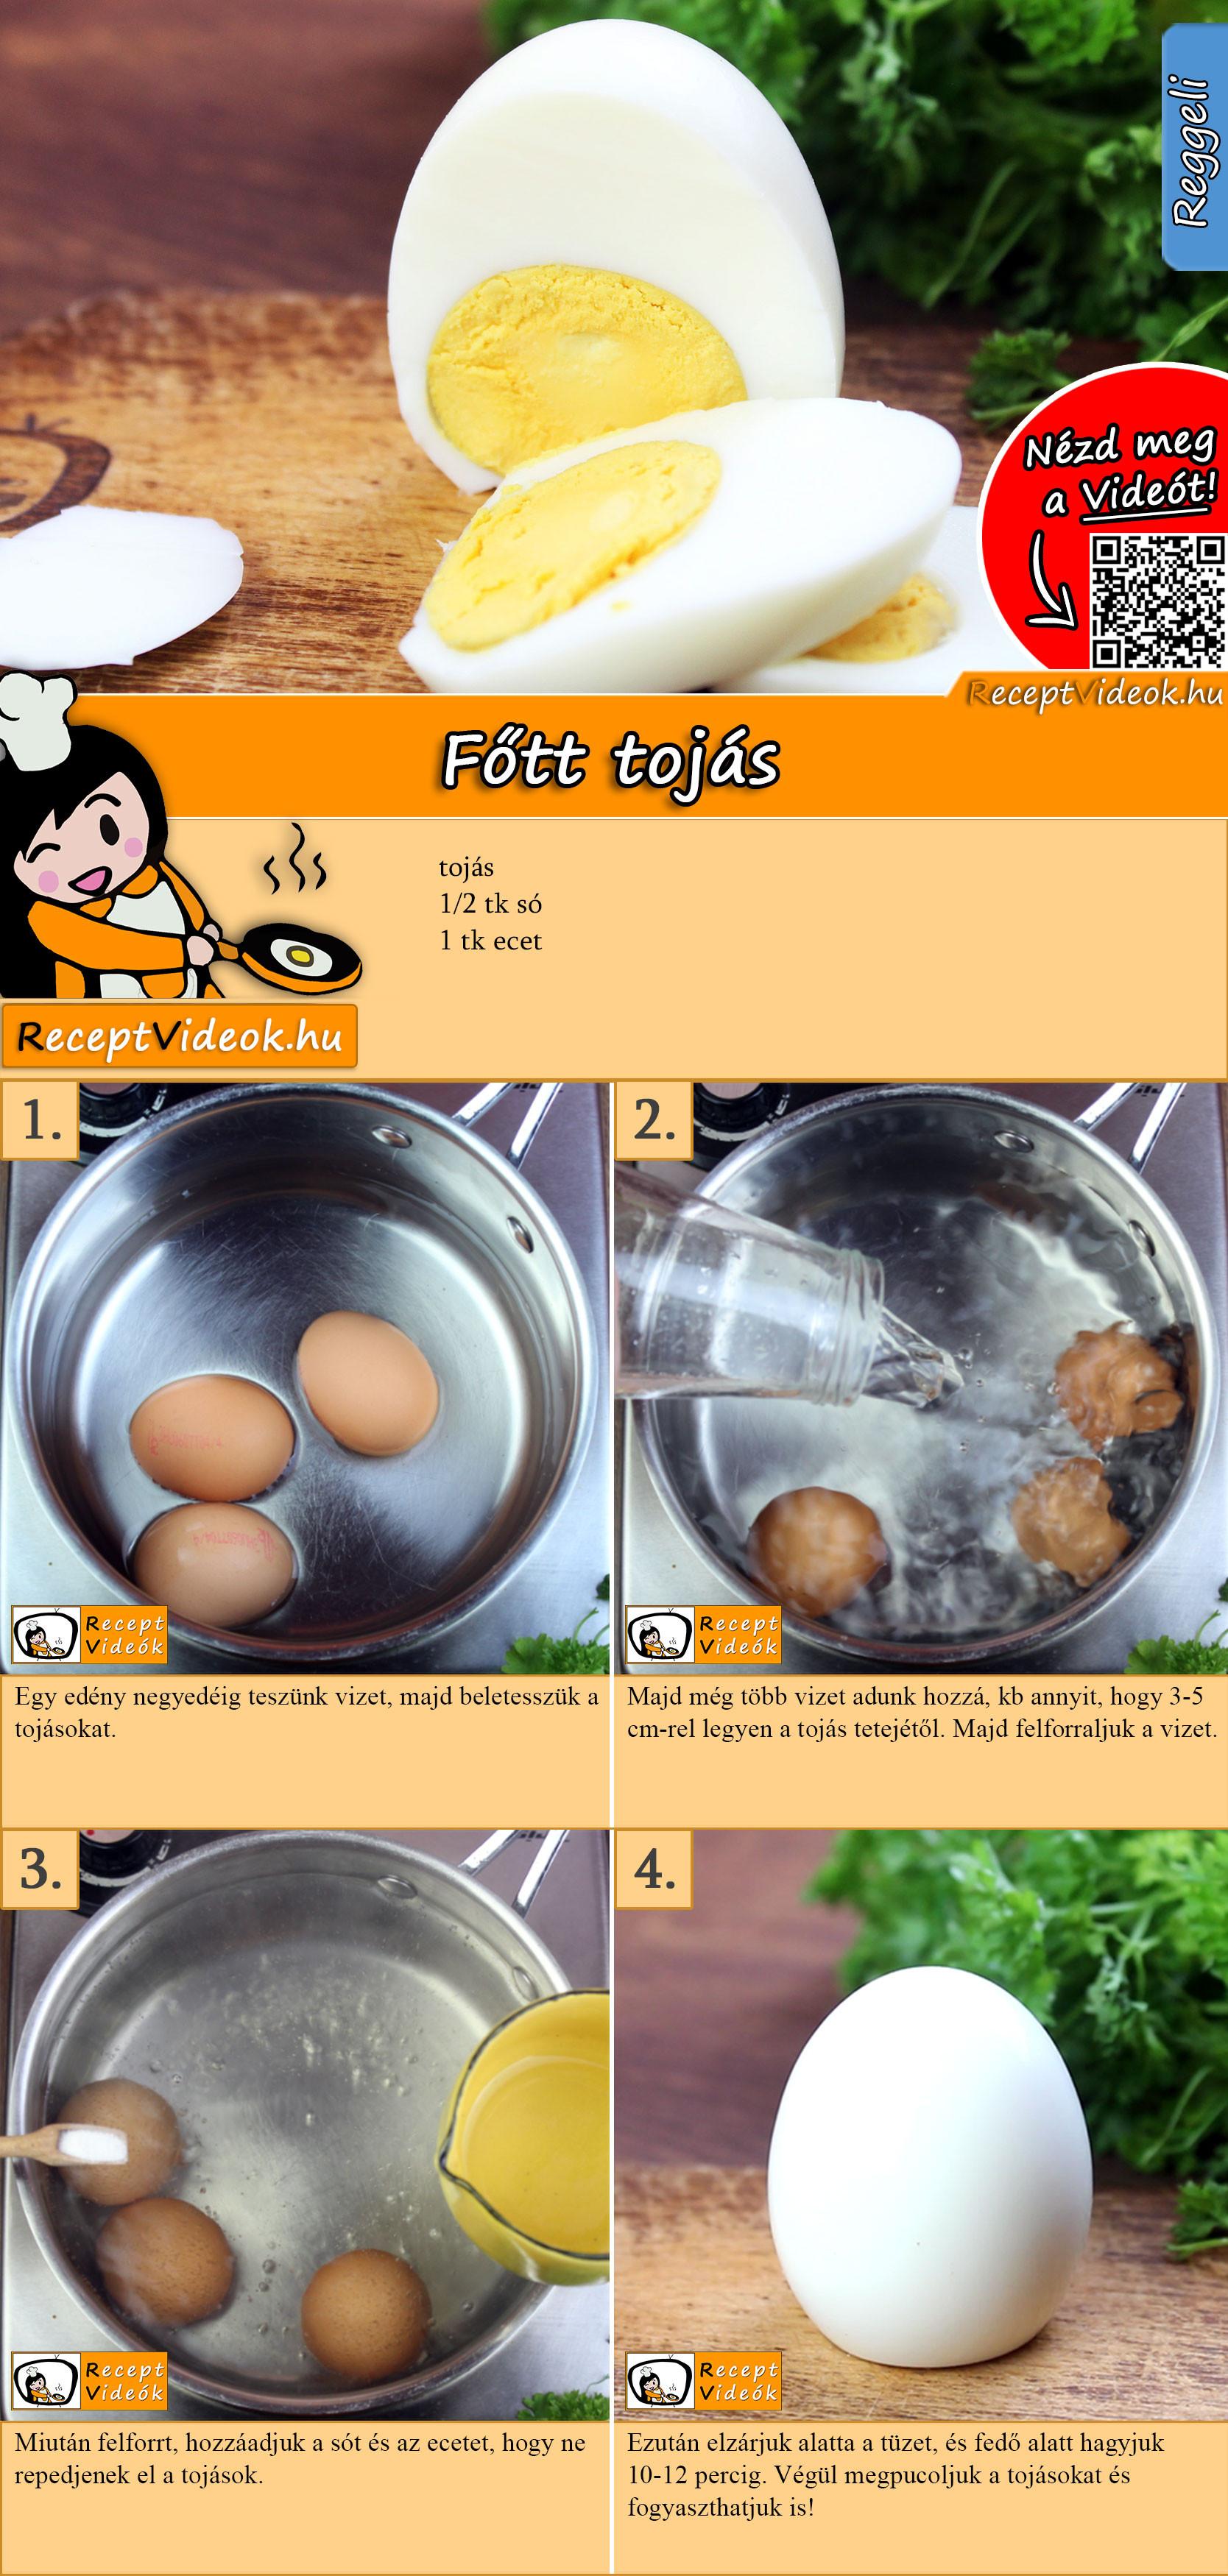 Főtt tojás recept elkészítése videóval